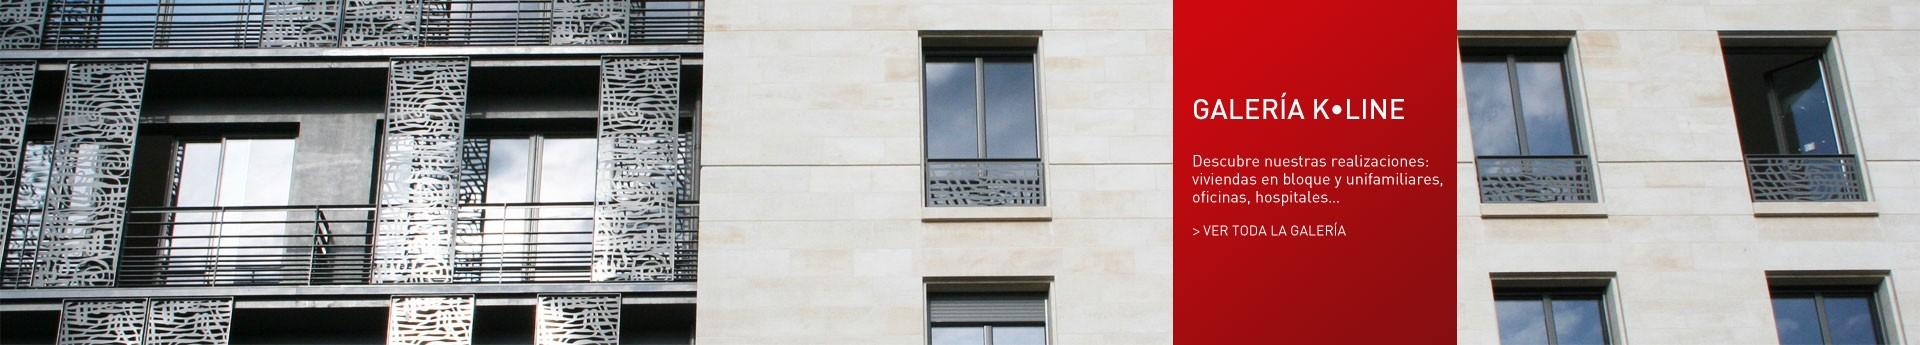 ventanas-aislantes-galeria-slider-home-5